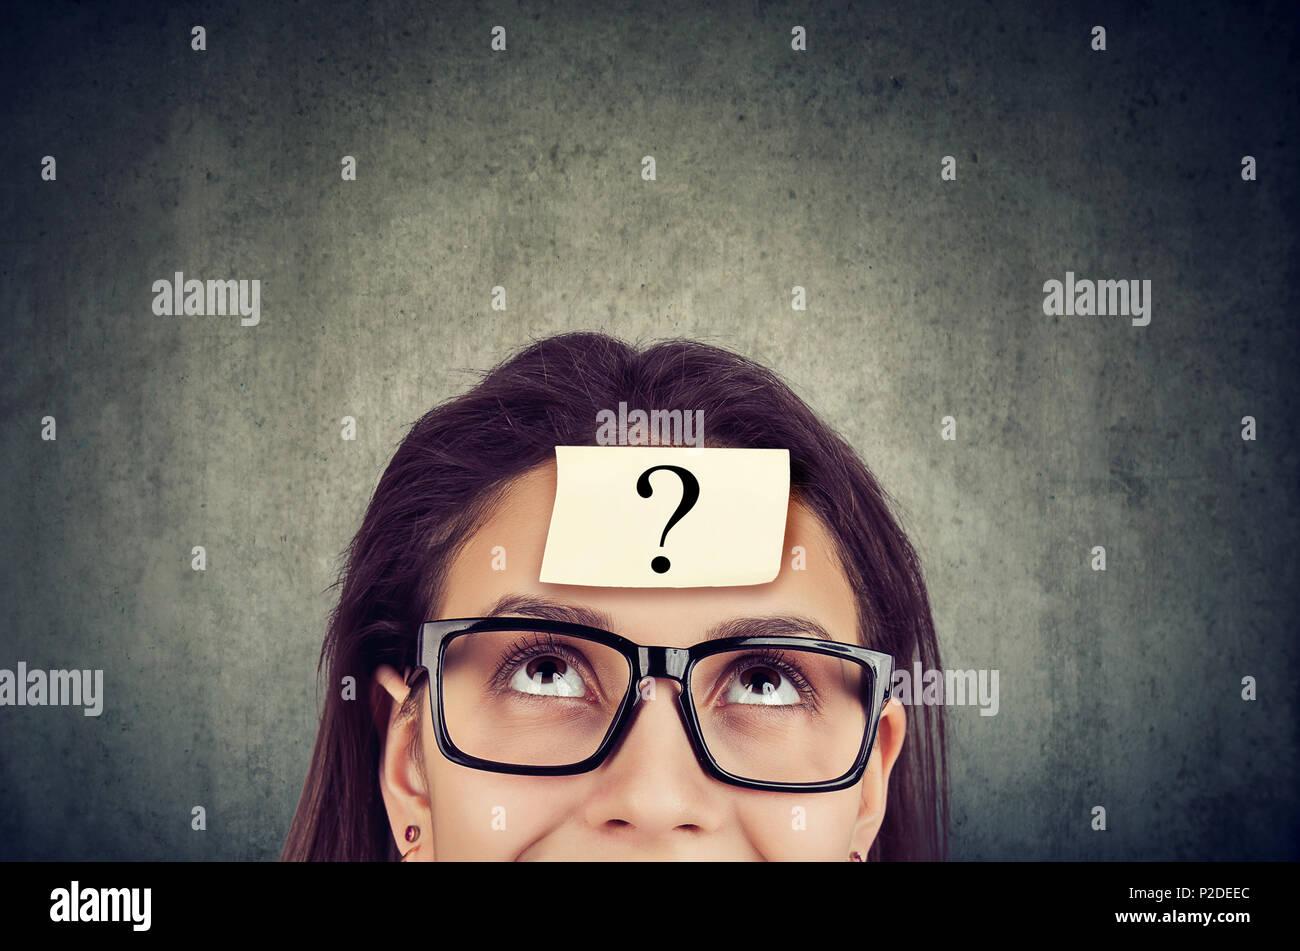 Mujer joven llevaba gafas negras con signo de interrogación en la frente mirando hacia arriba. Imagen De Stock